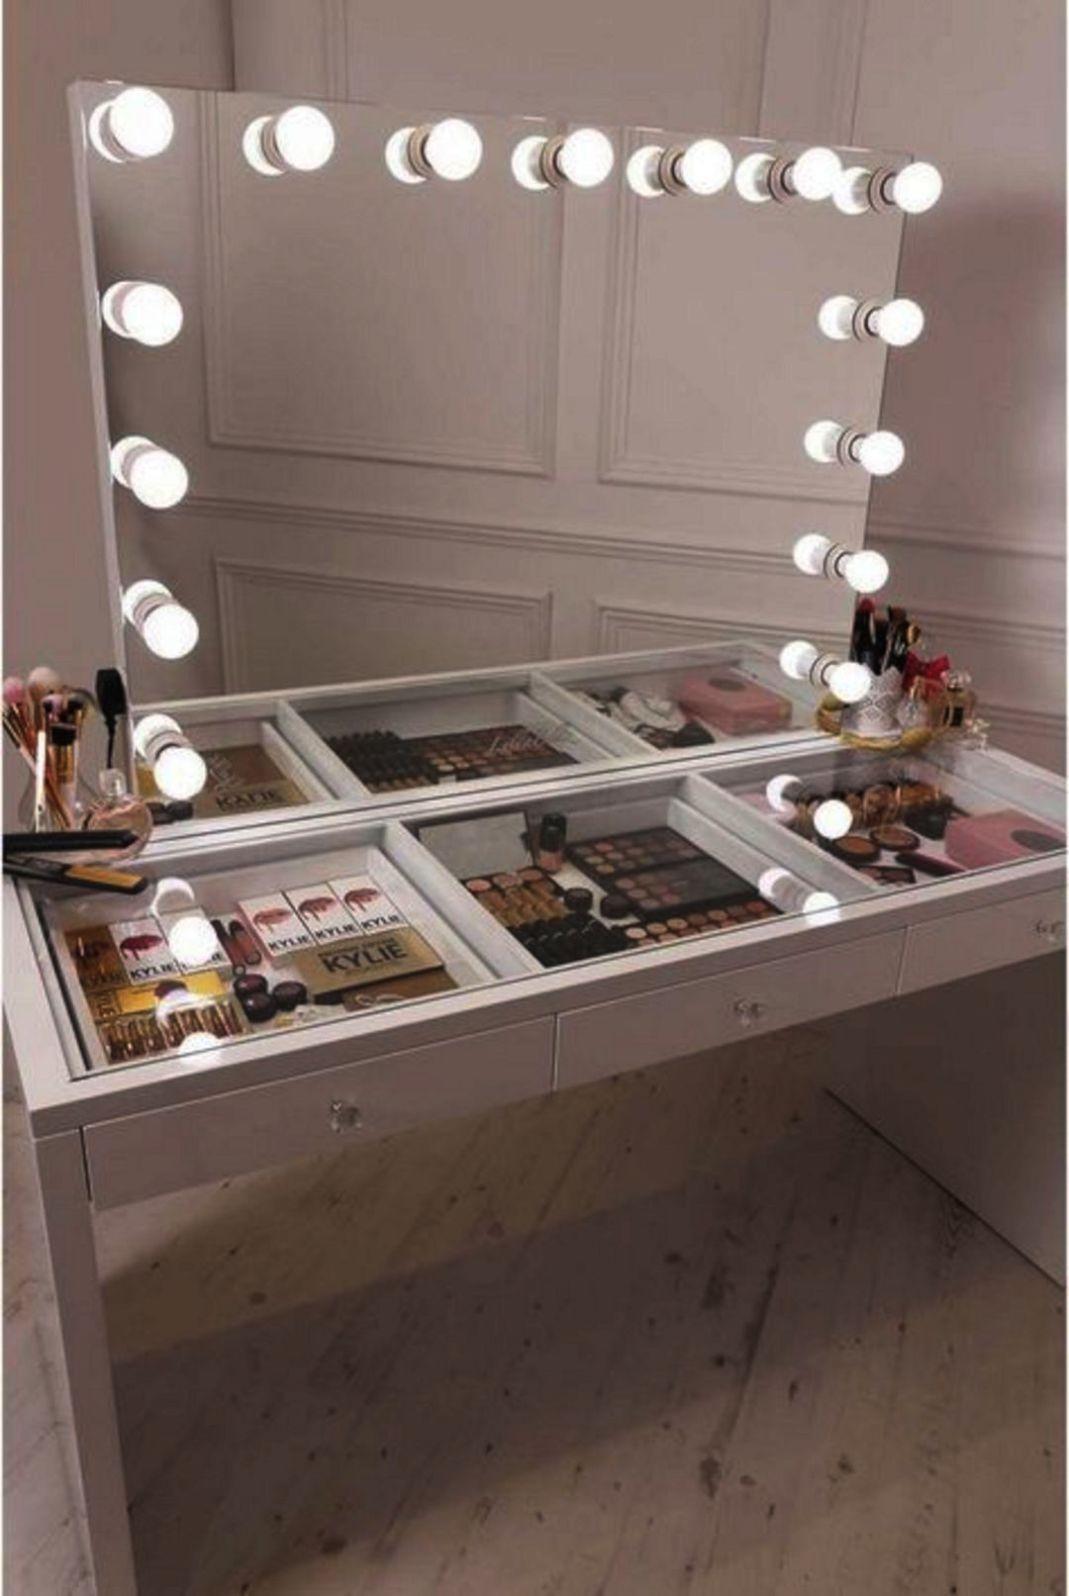 Makeup Geek Affiliate Code Per Makeup Vanity Set Craigslist All Makeup Bag Reviews Or Makeup Mirror Vanity L Diy Vanity Mirror Diy Vanity Dressing Table Mirror